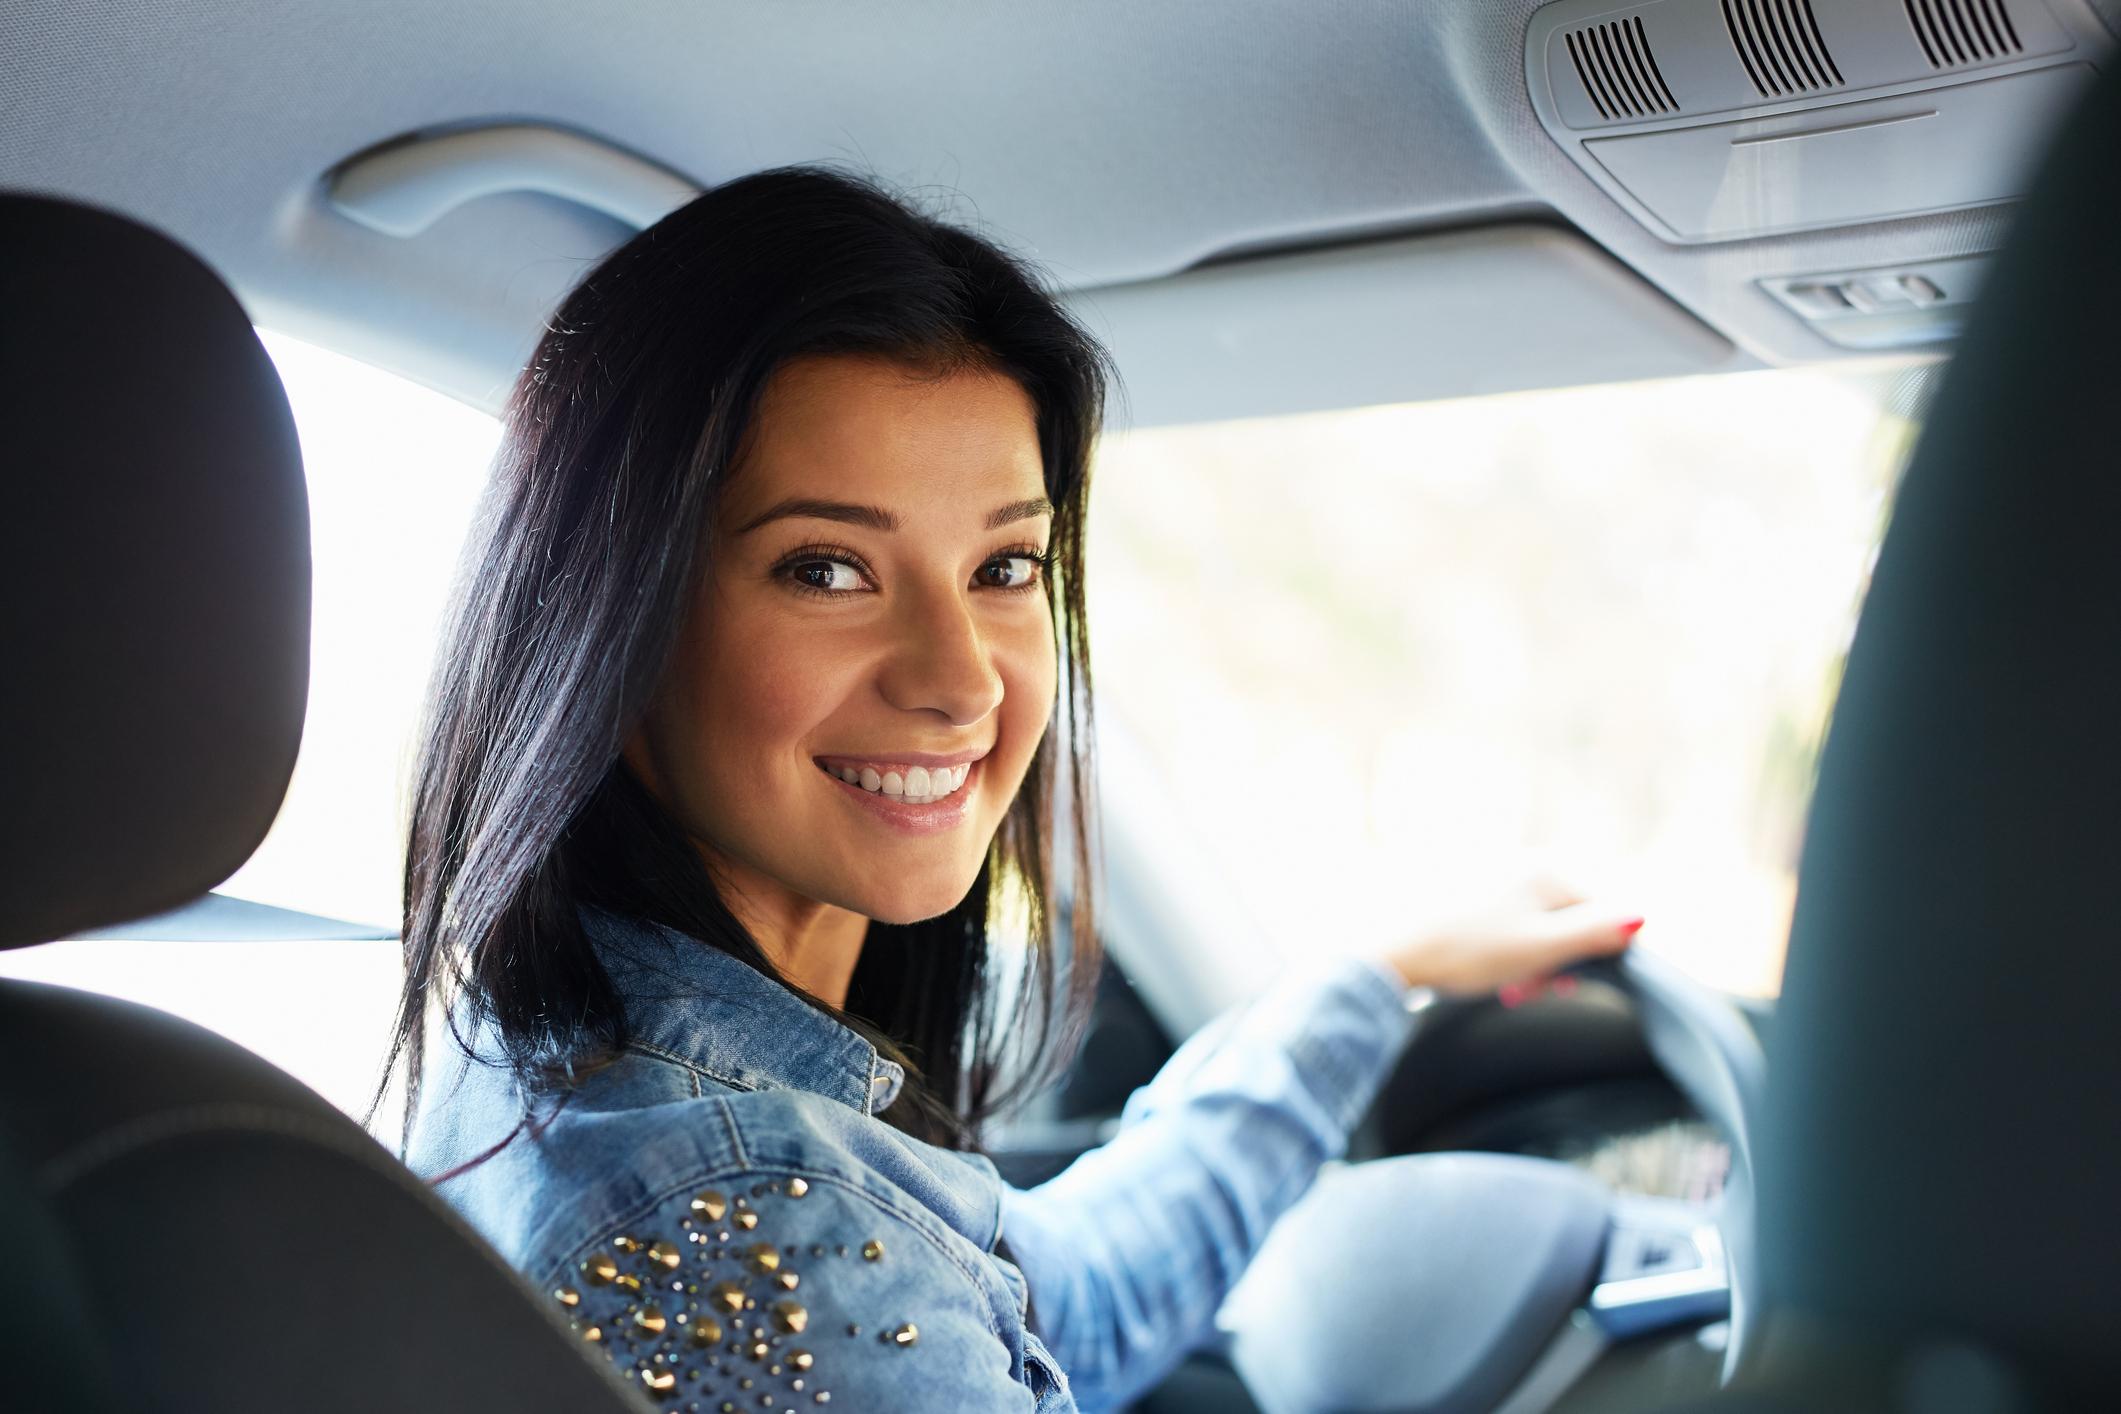 Woman sitting in a car